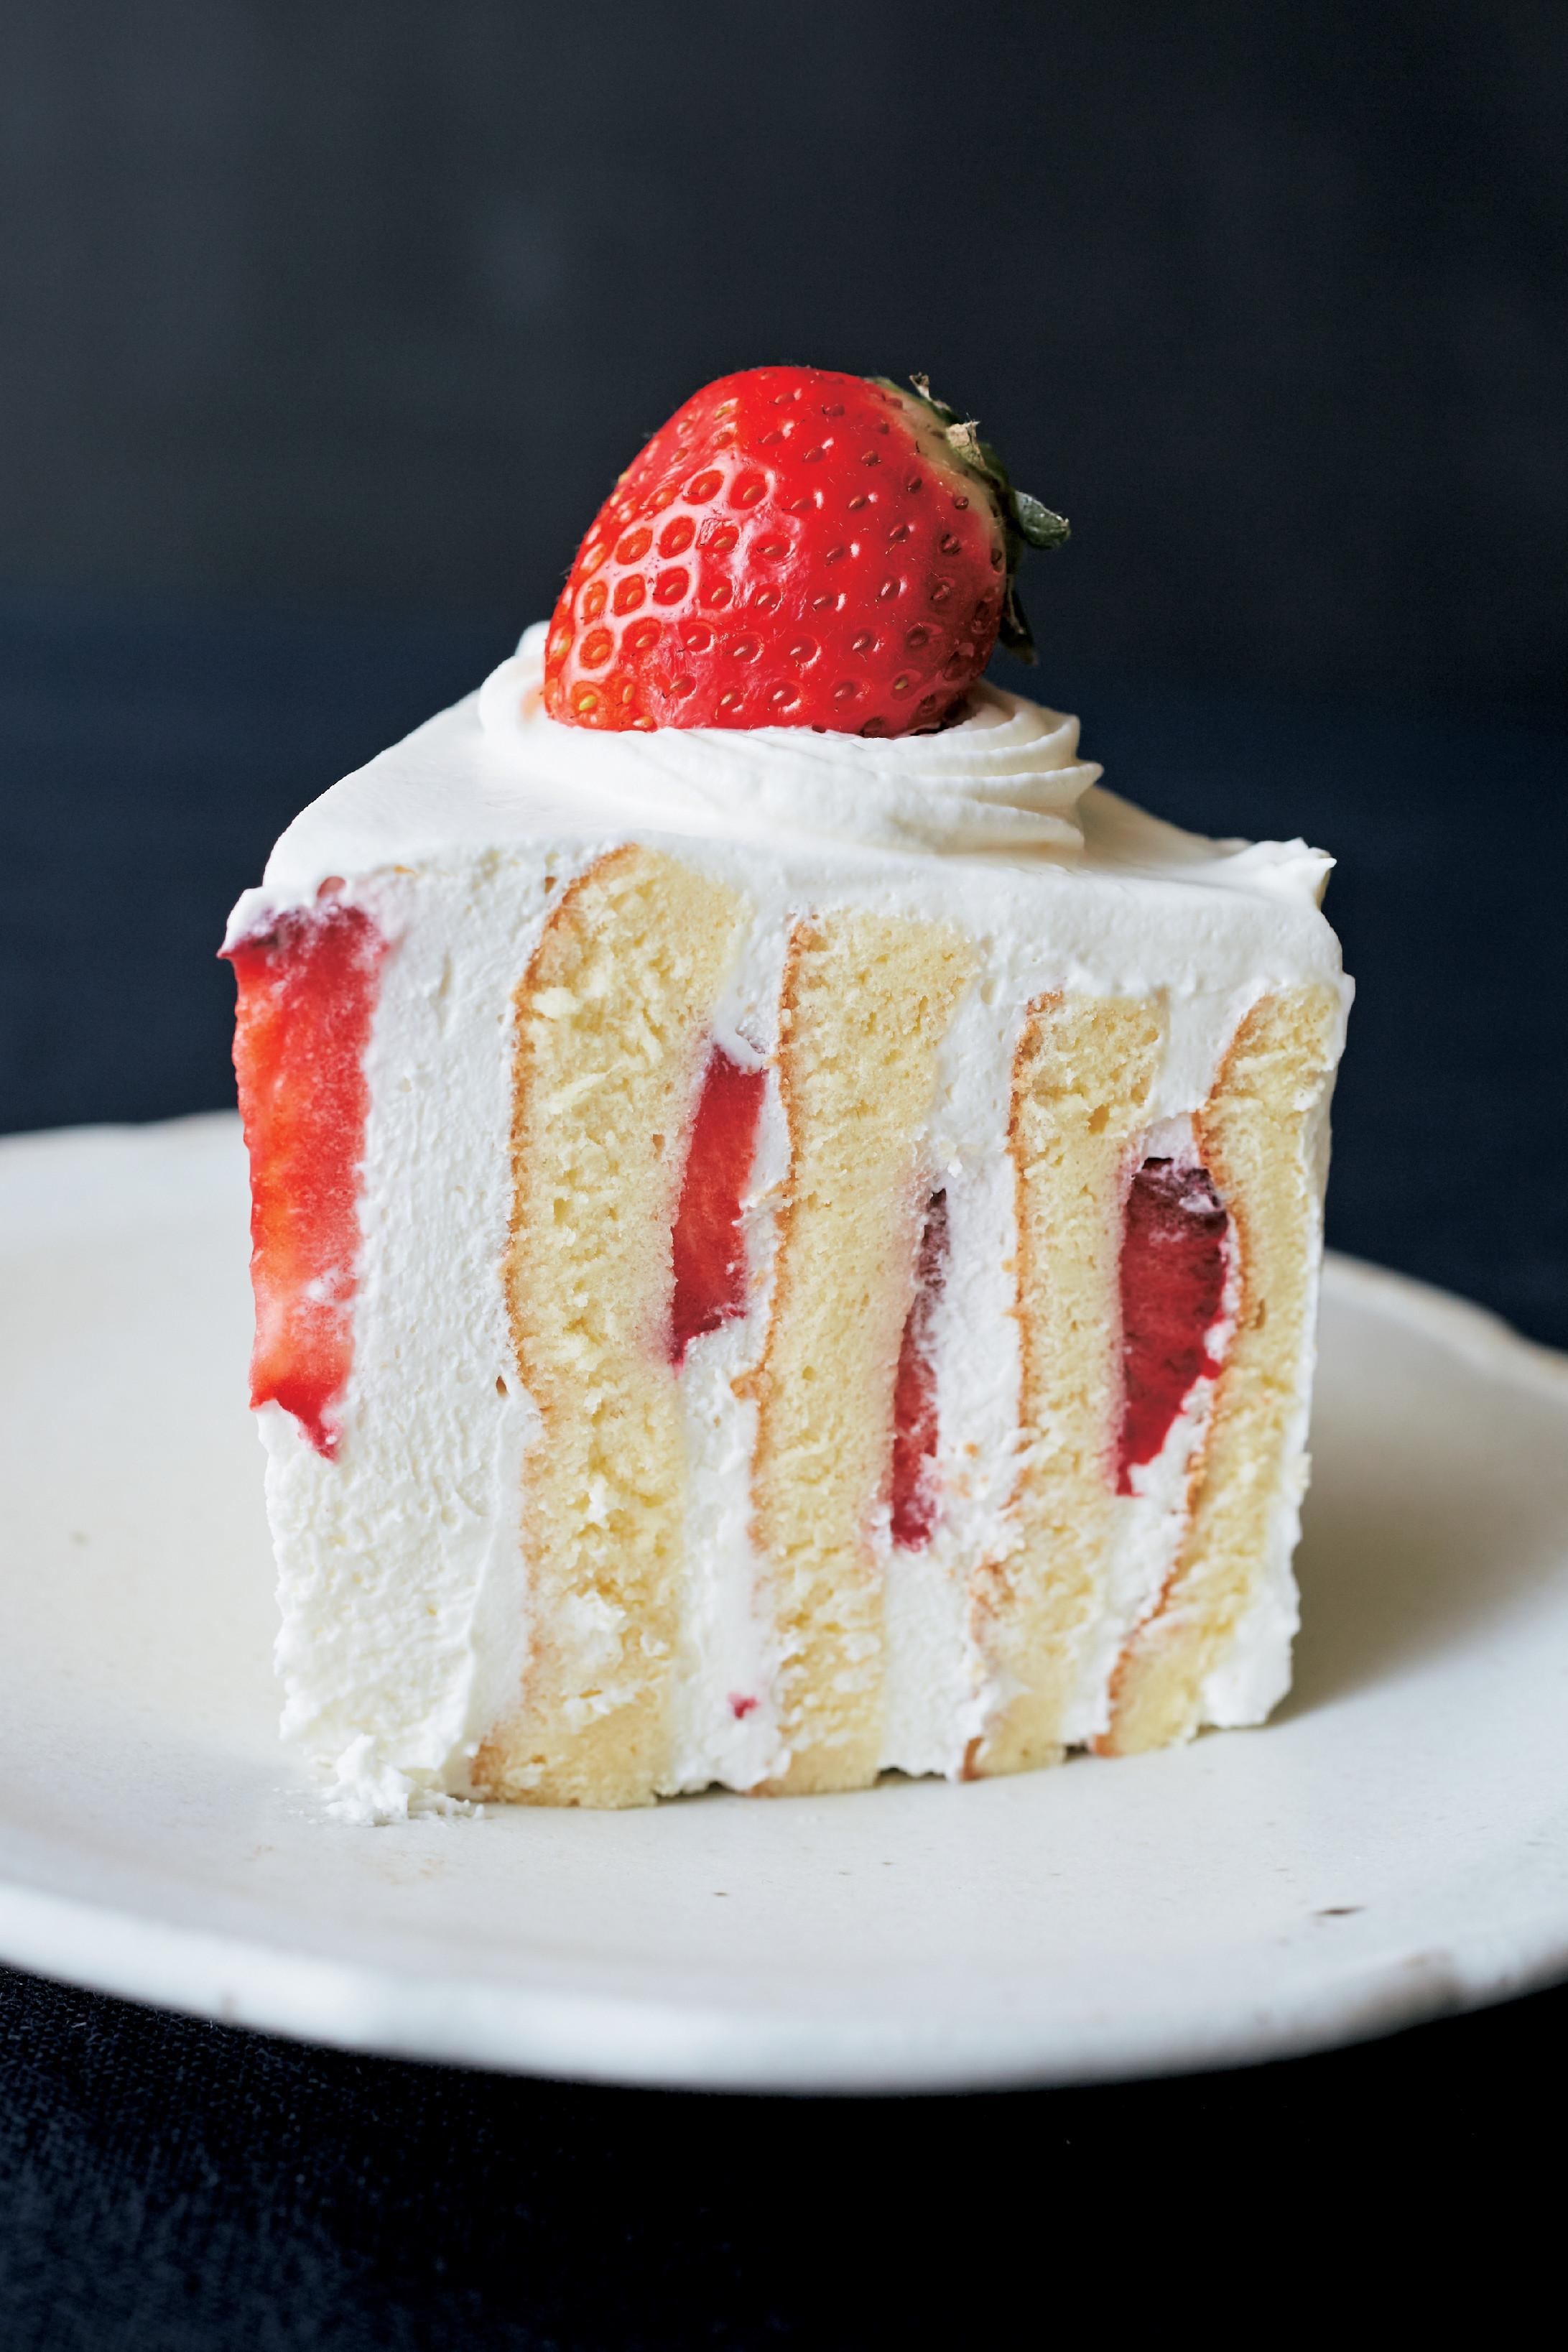 草莓鮮奶油圓形蛋糕